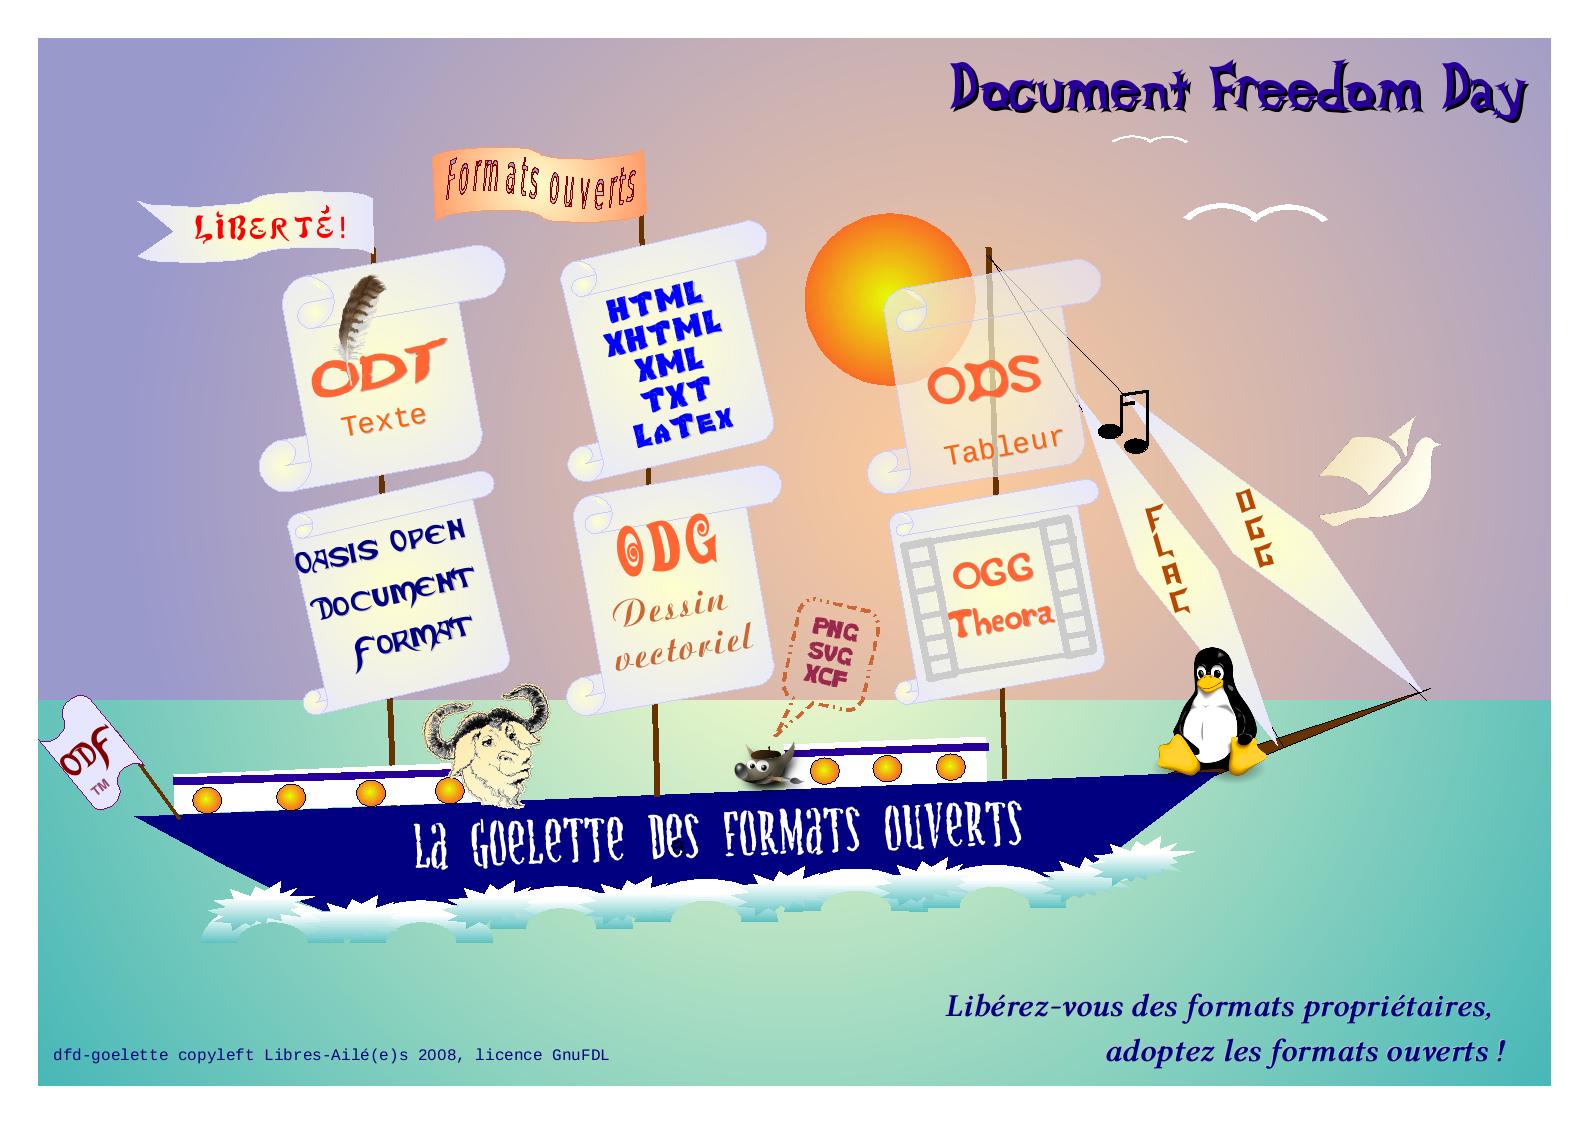 La Goëlette des formats ouverts